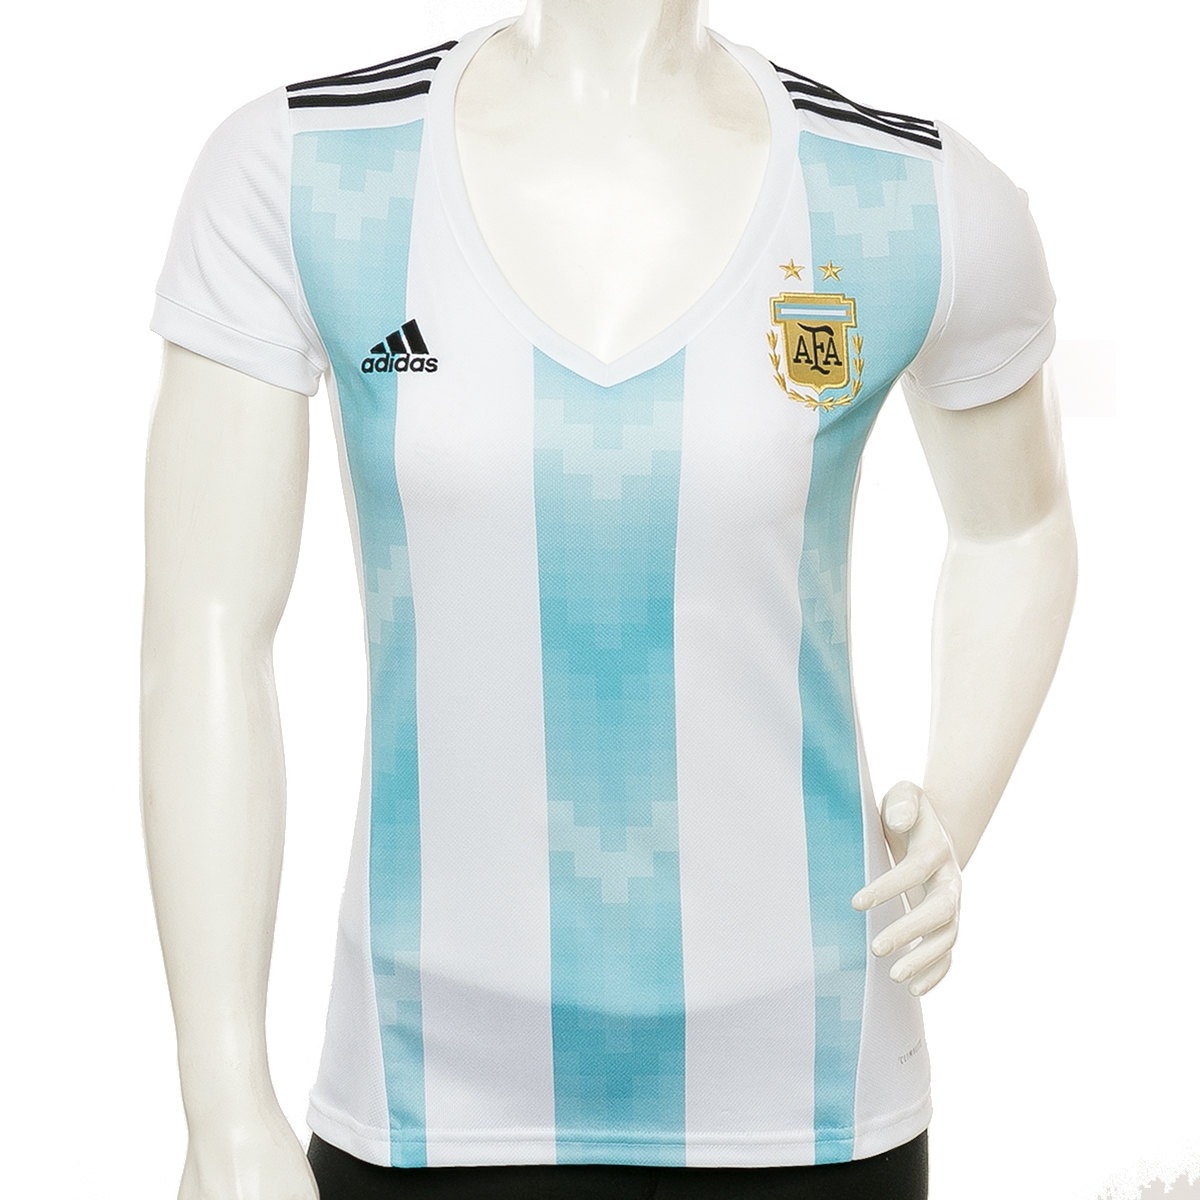 Camiseta Afa Argentina Mujer adidas Sport 78 Tienda Oficial